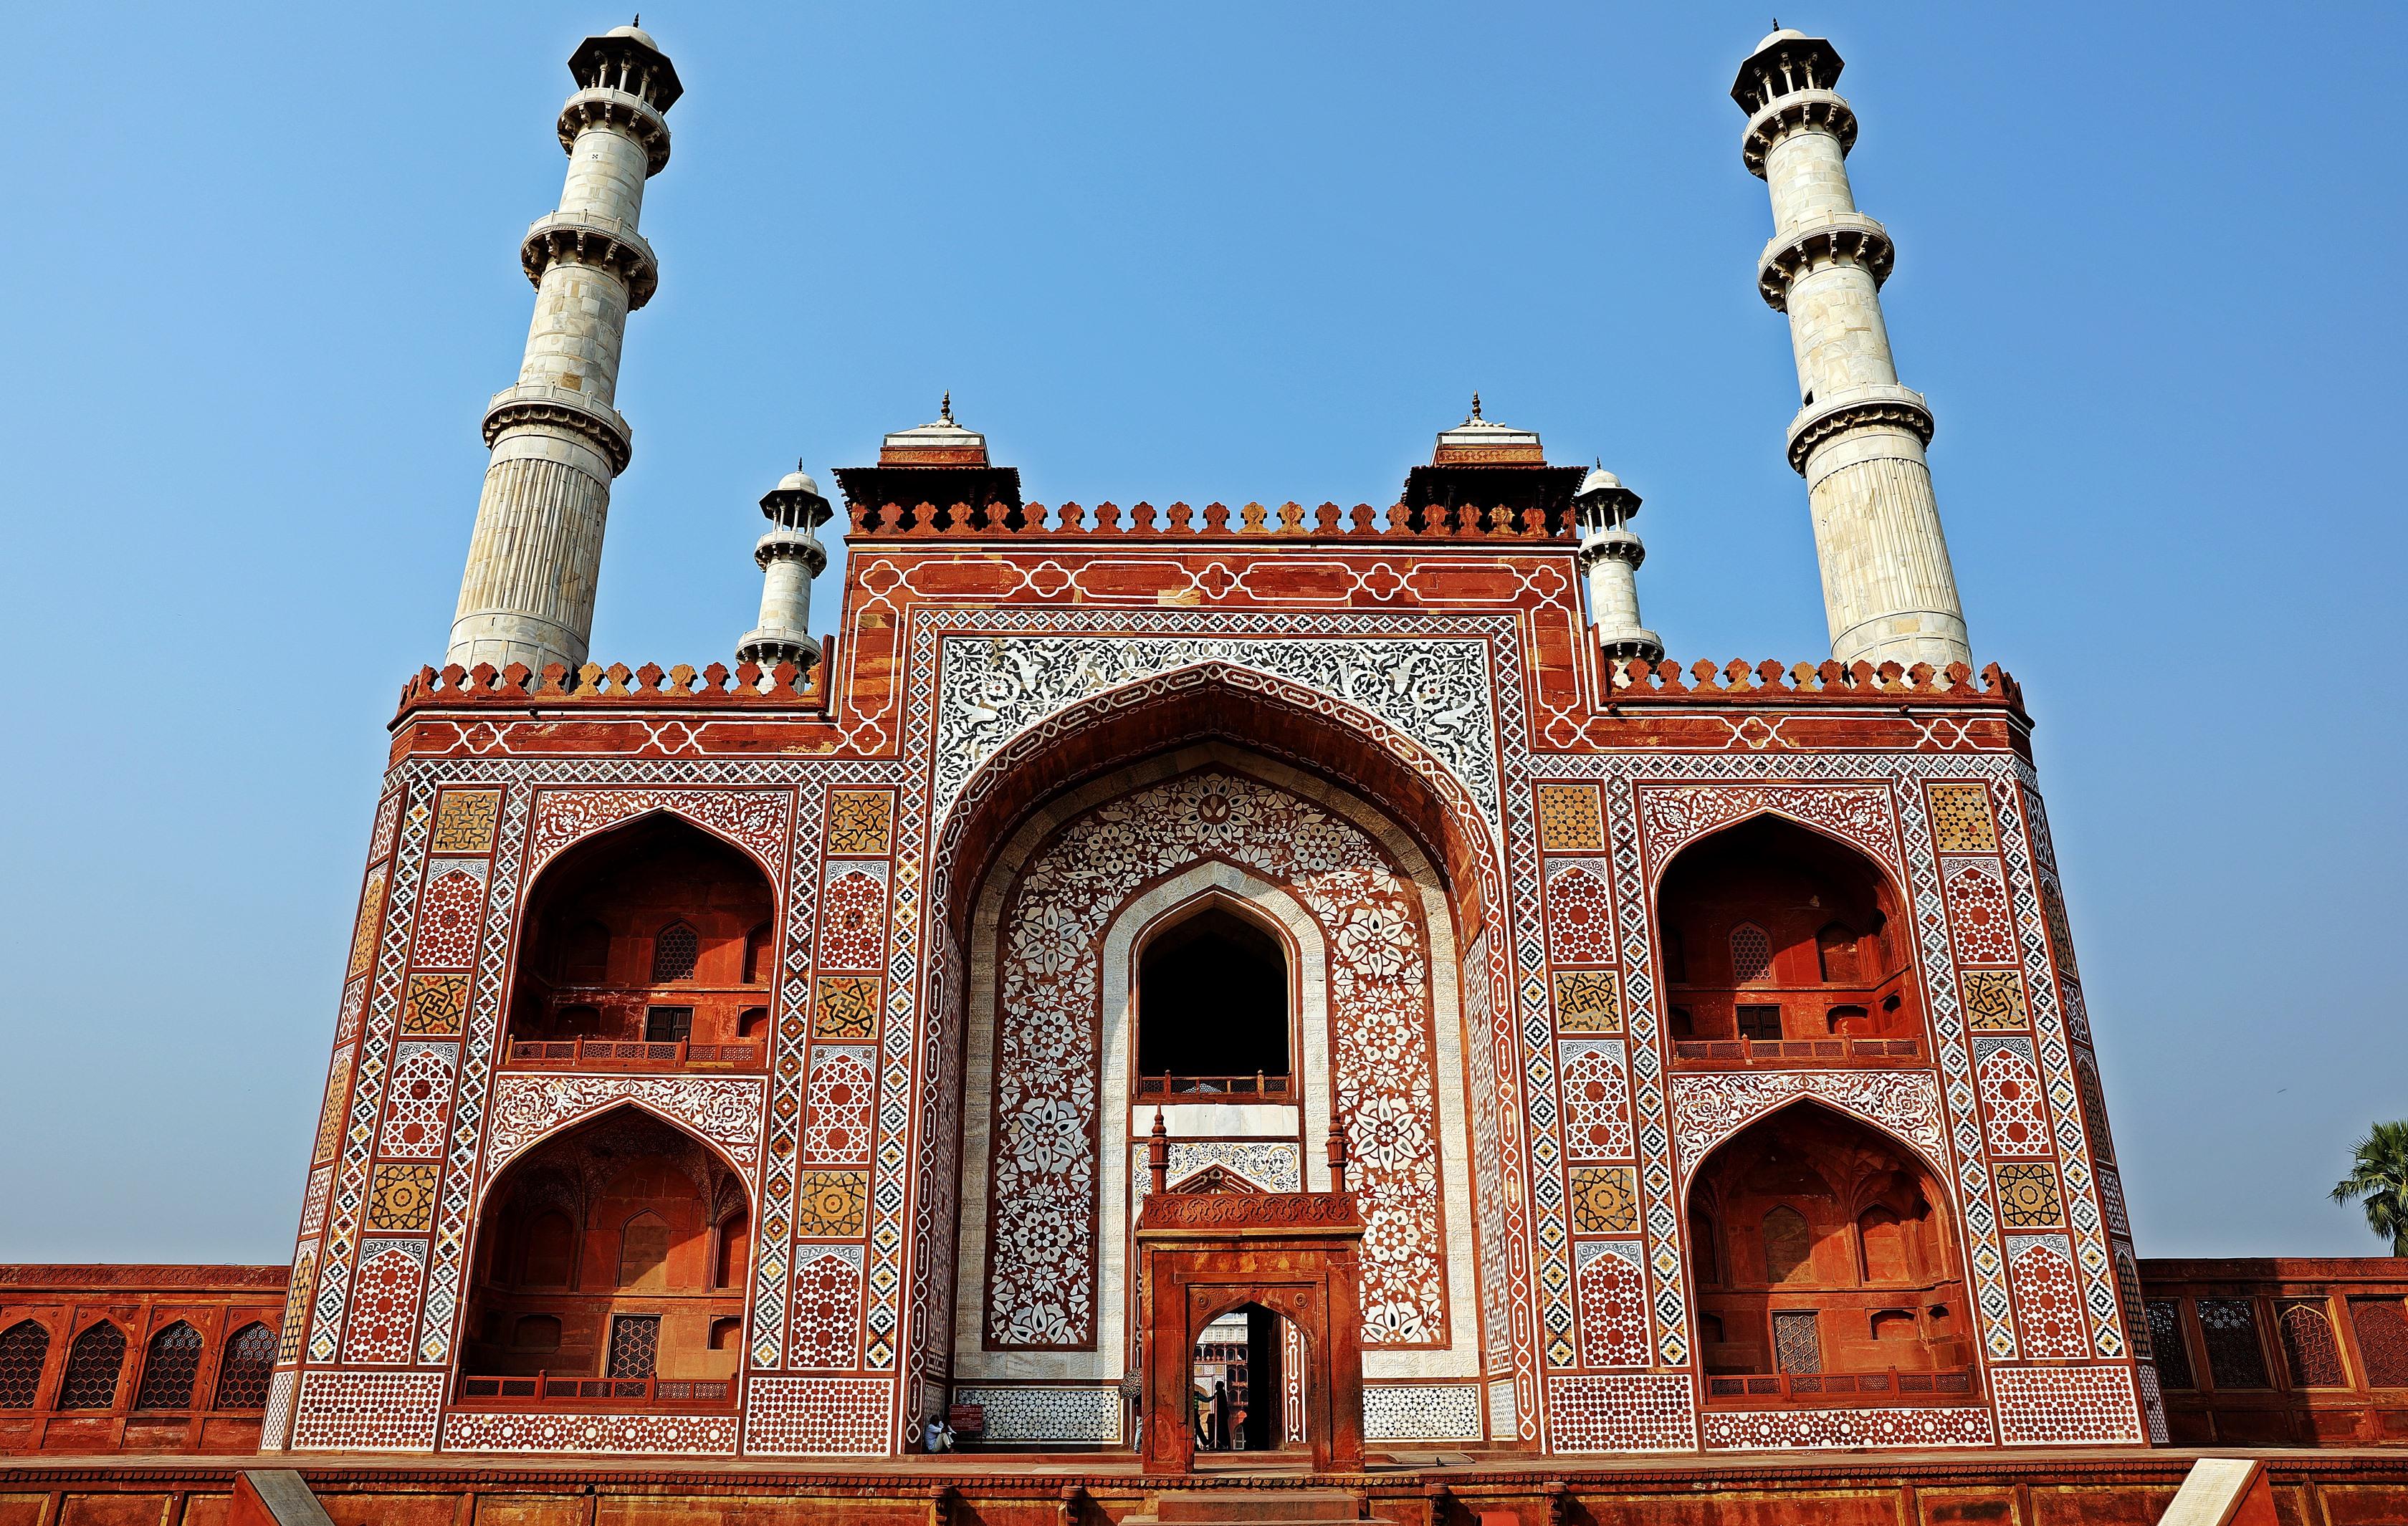 Akbar's Mausoleum